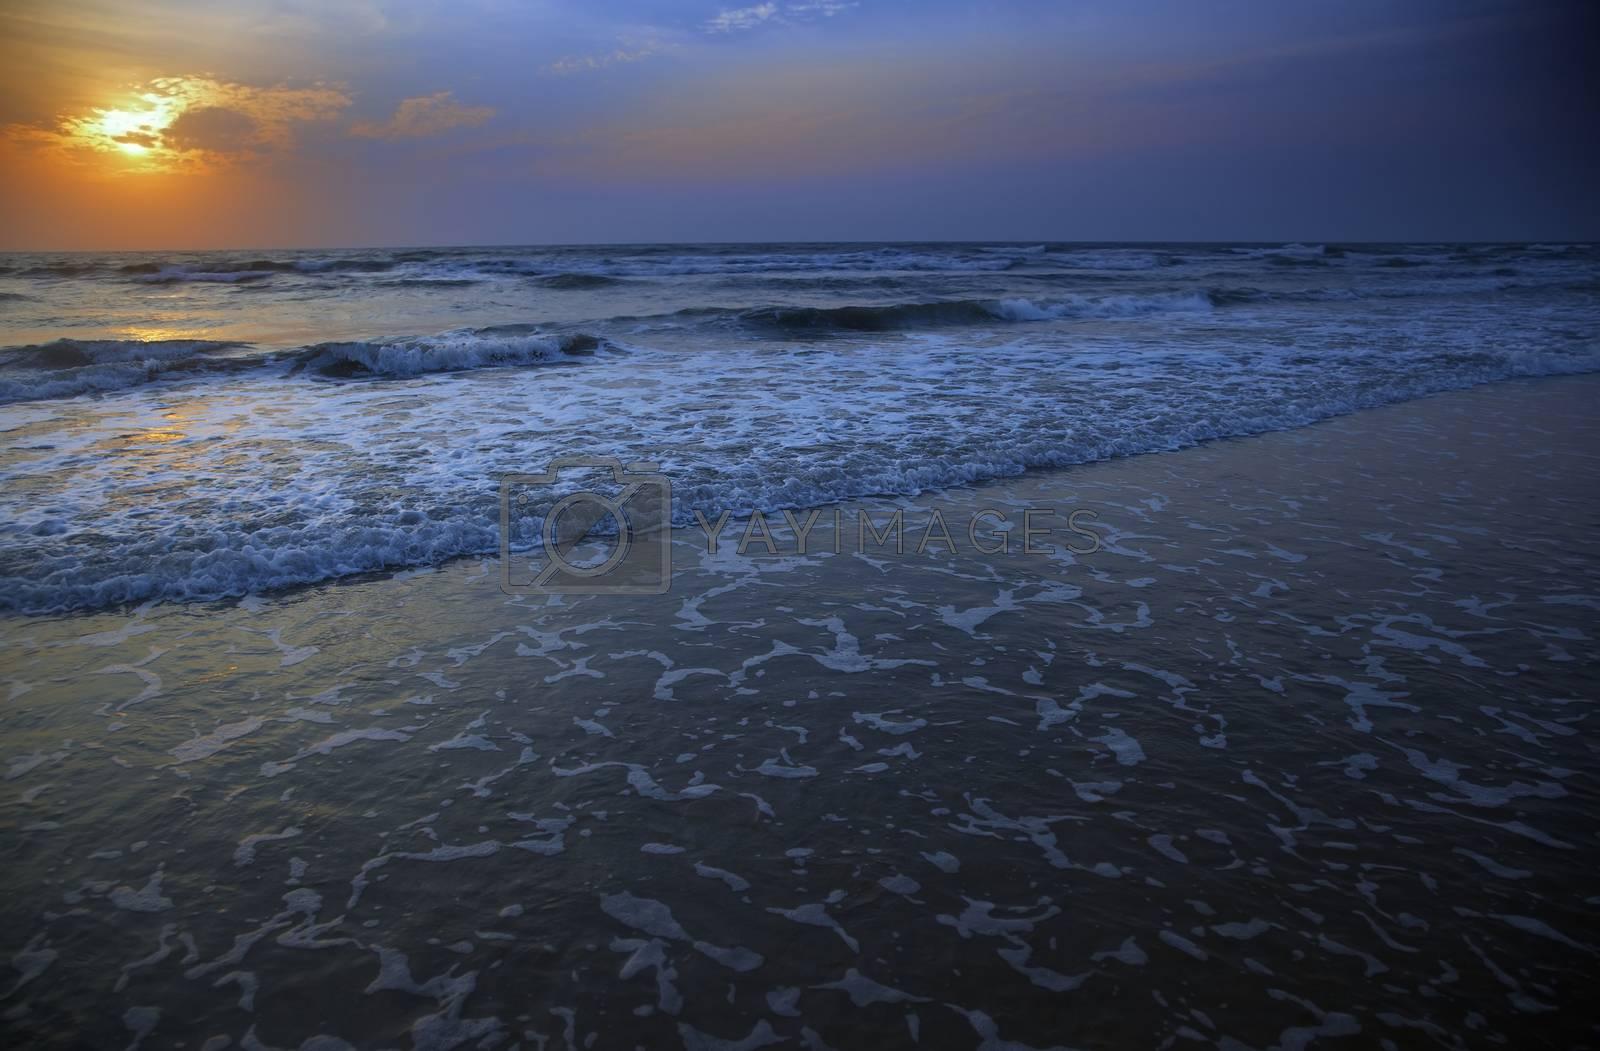 Sunset at Atlantic Ocean